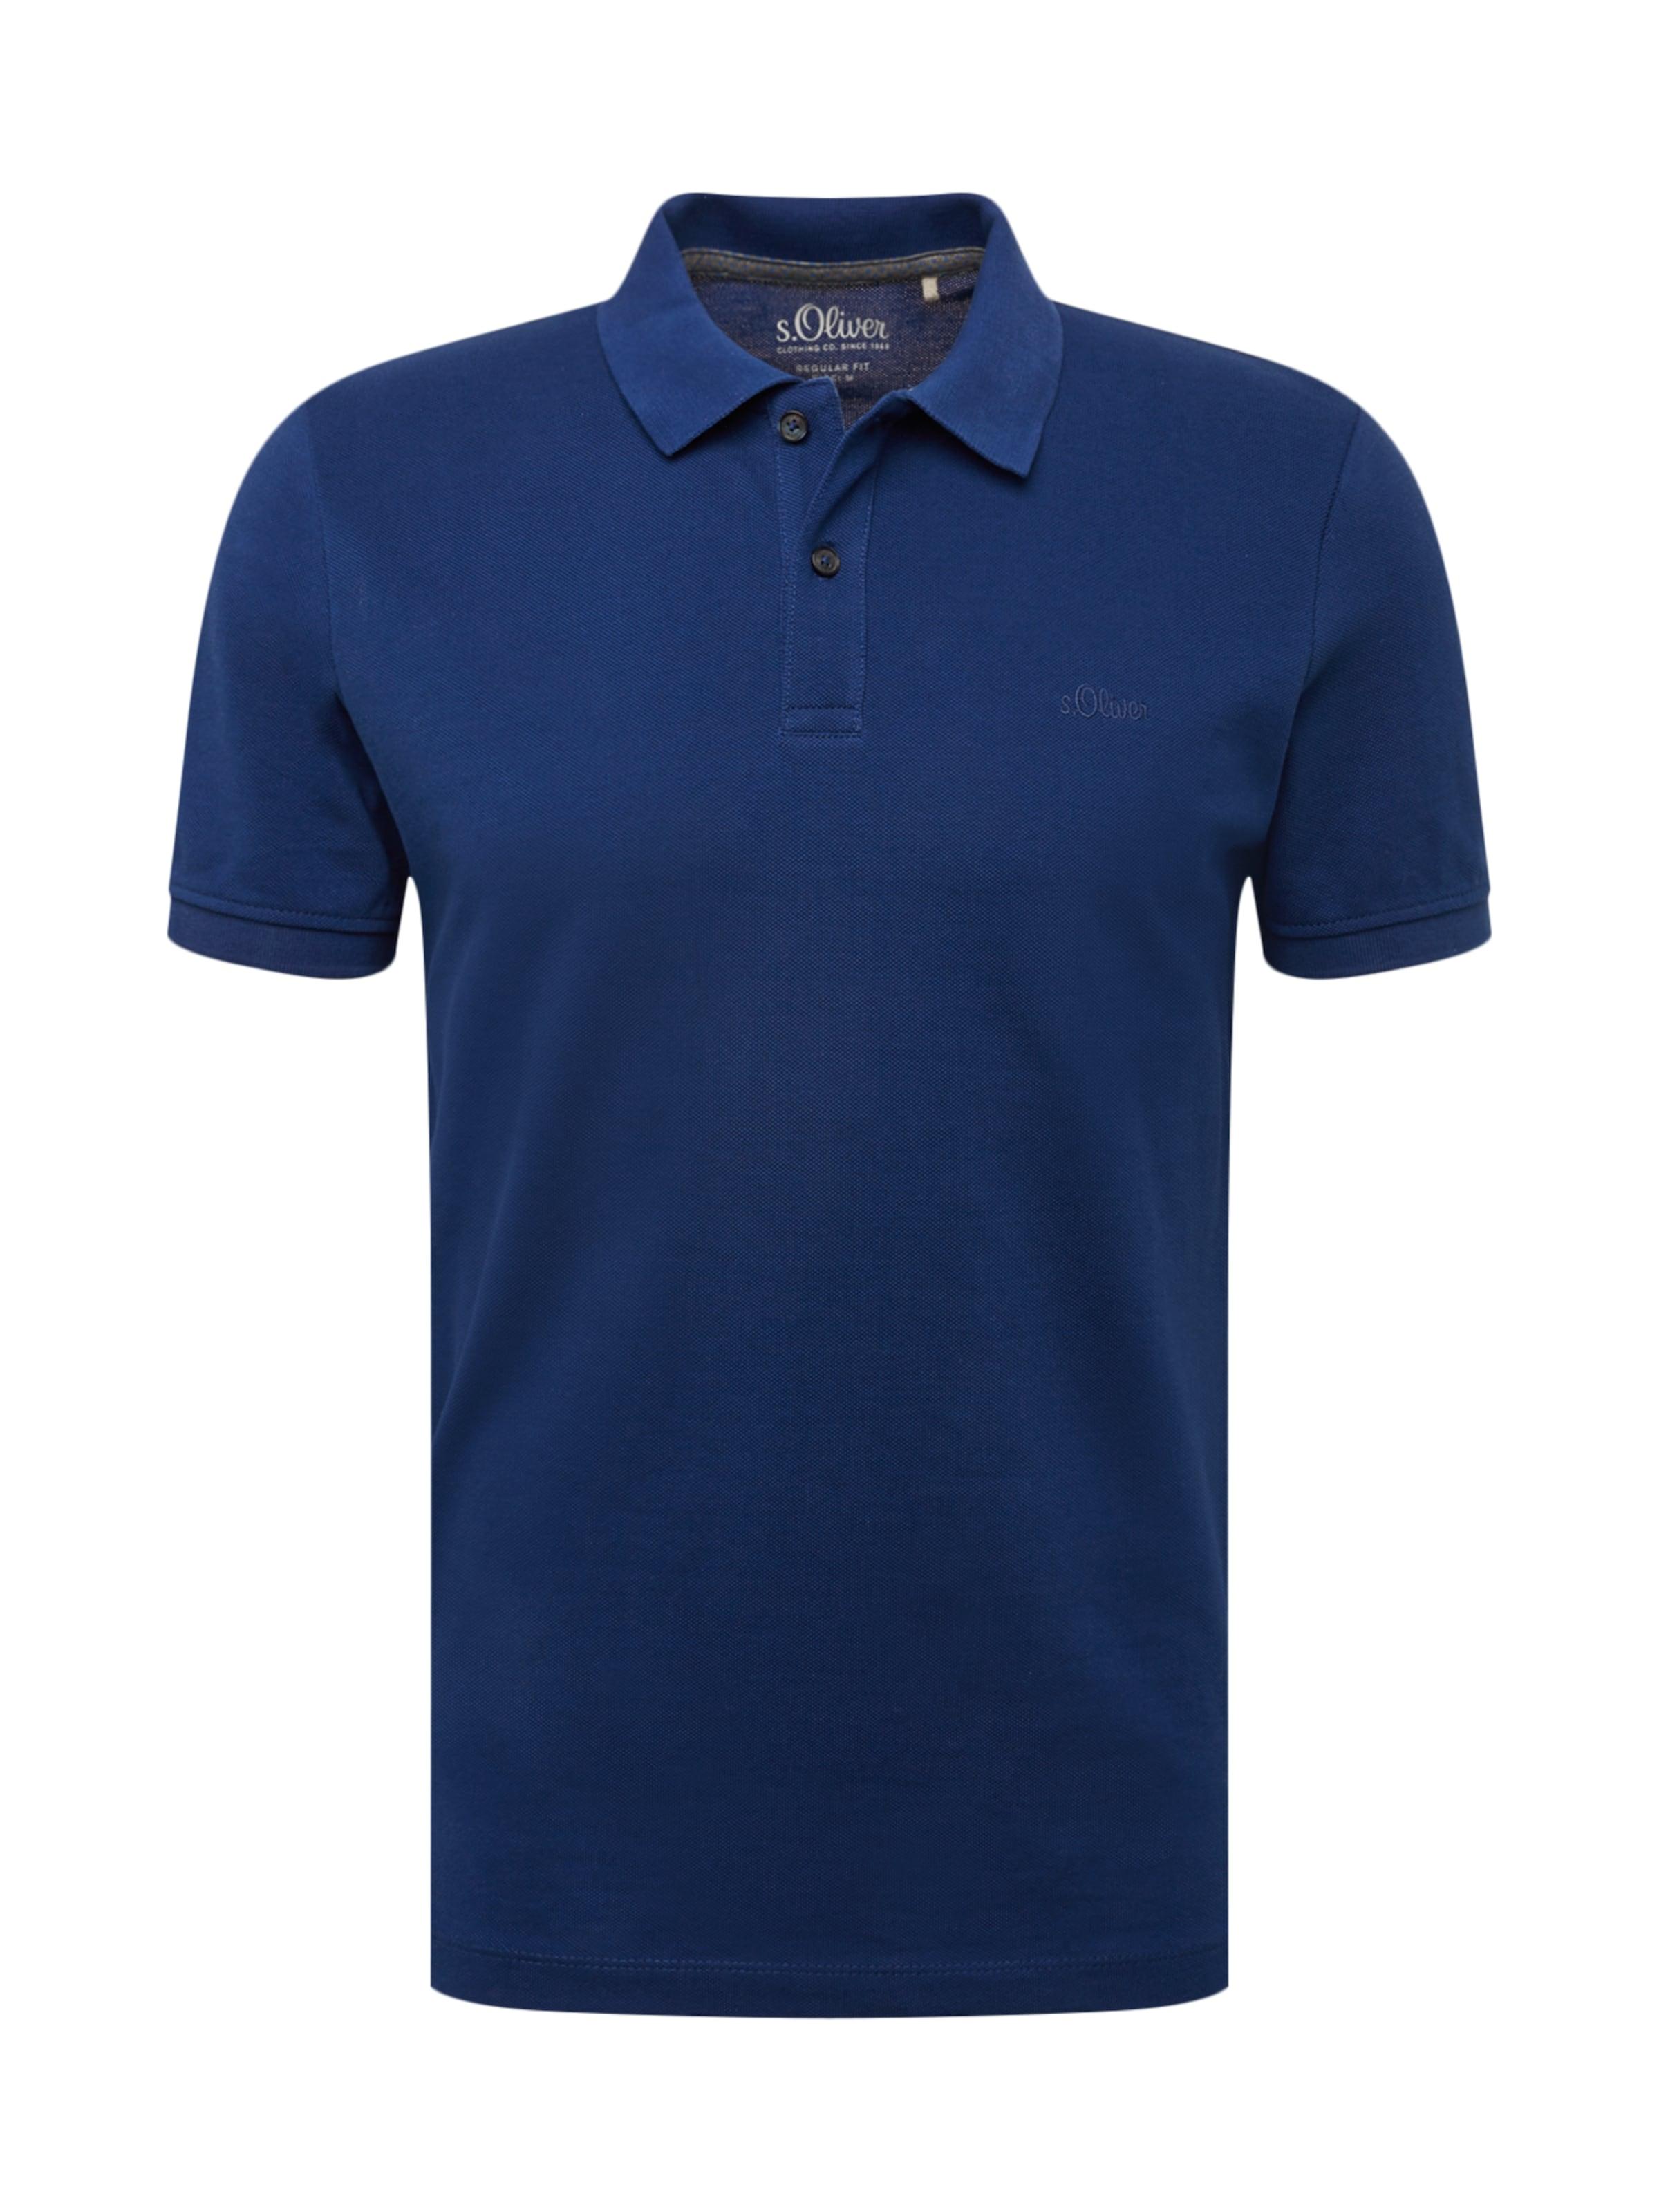 T S shirt Red Label En Rose oliver IbyvfmY7g6